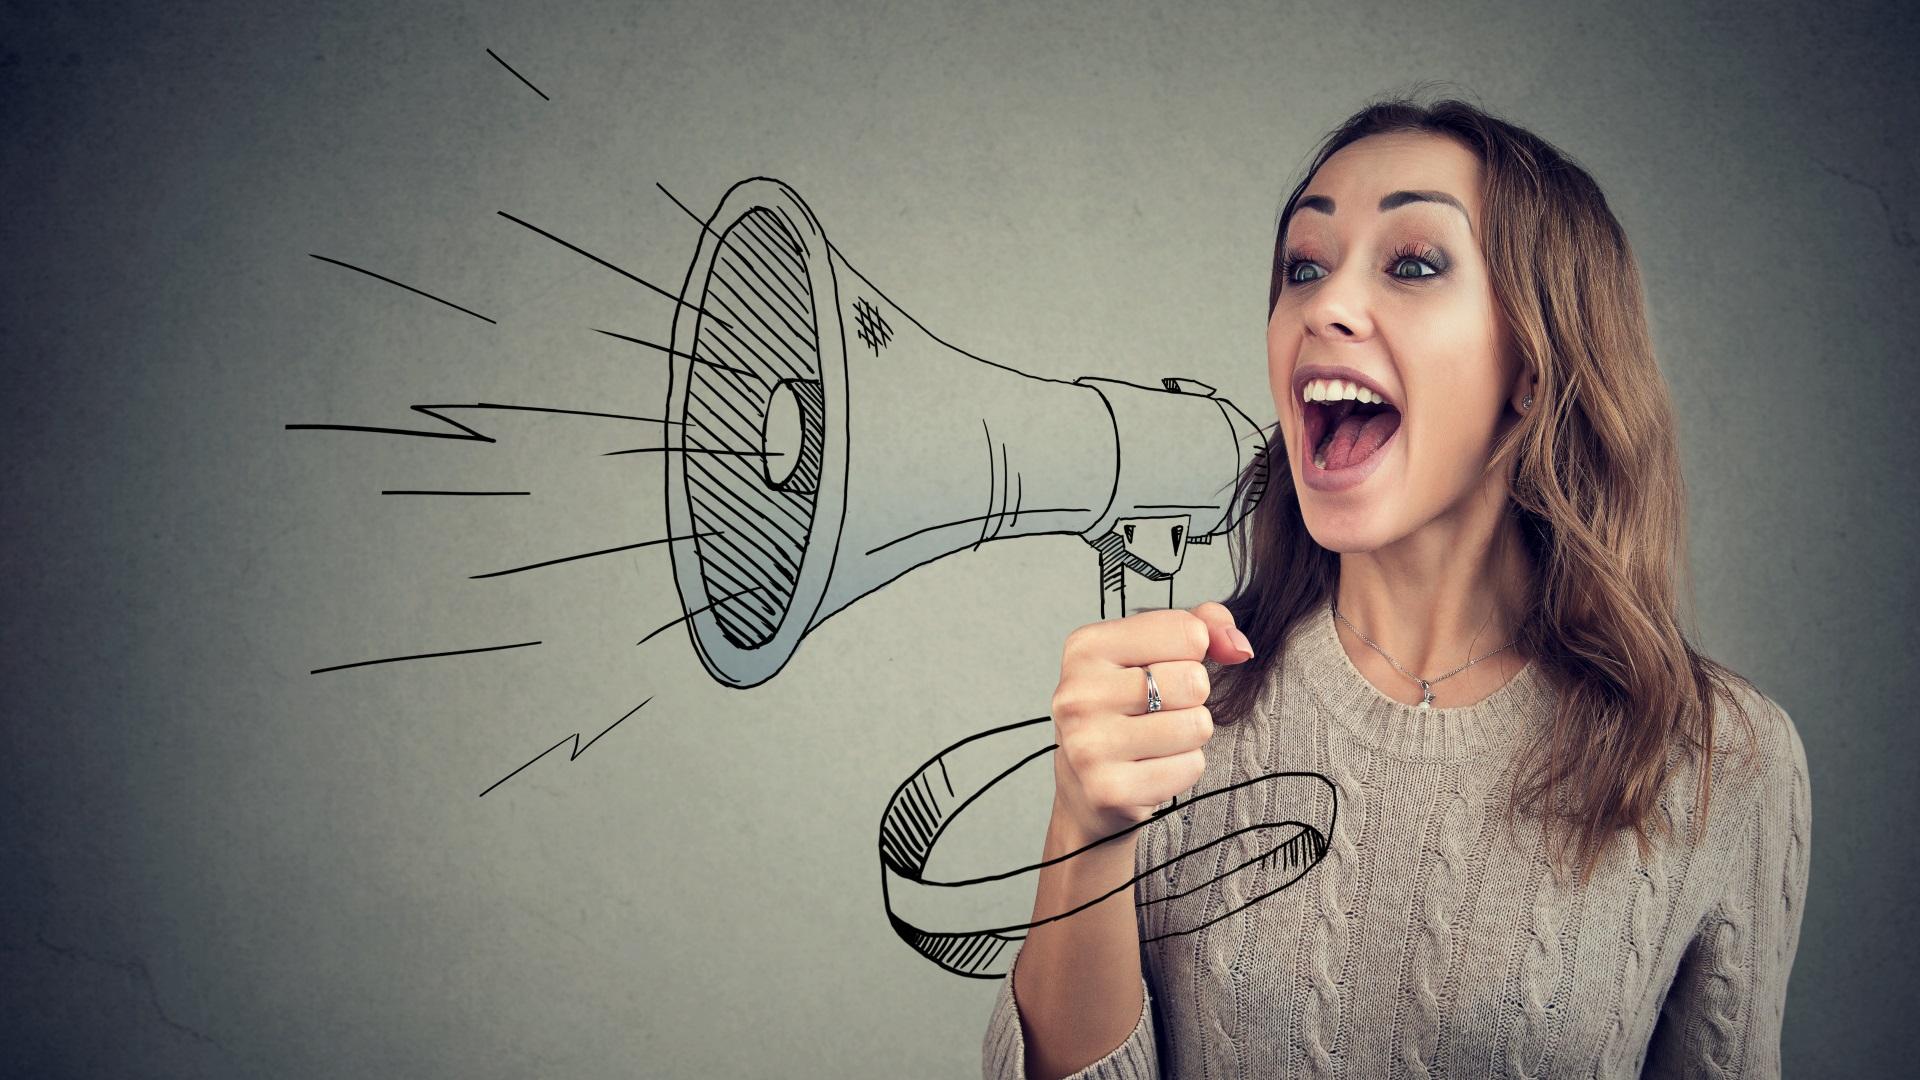 Жените говорят повече от мъжете. Изследване показва, че представителките на нежния пол произнасят около 20 000 думи на ден – с 13 000 повече от мъжете.